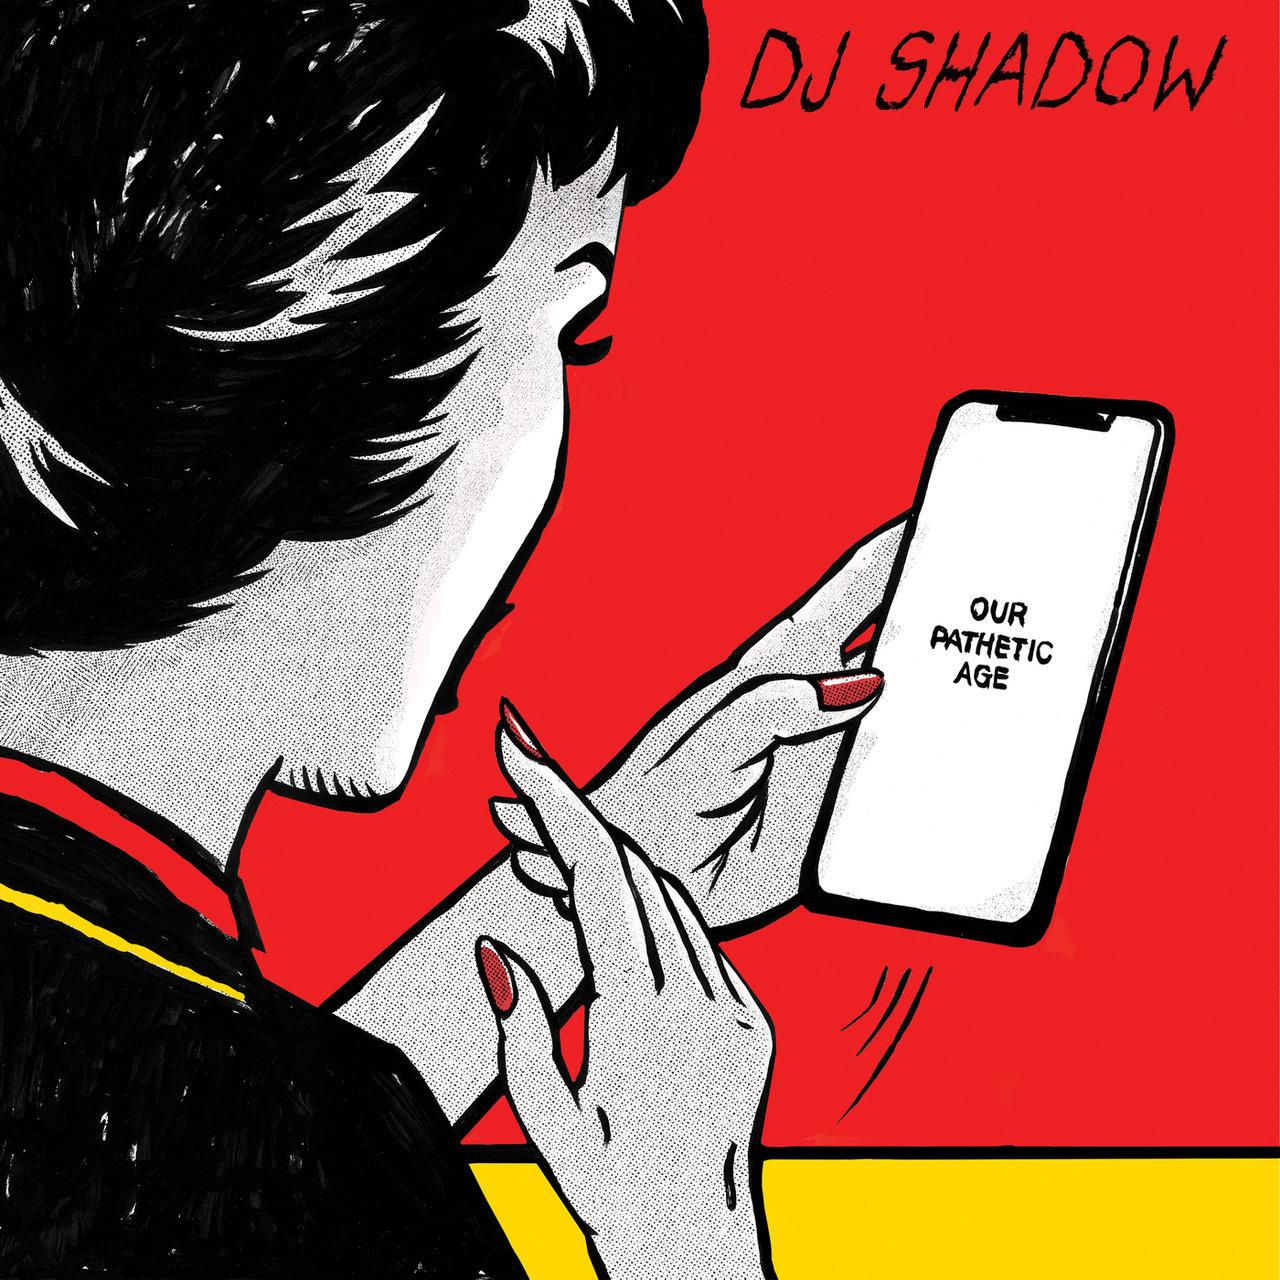 """DJ Shadow – """"Our Pathetic Age"""" (recenzja)"""